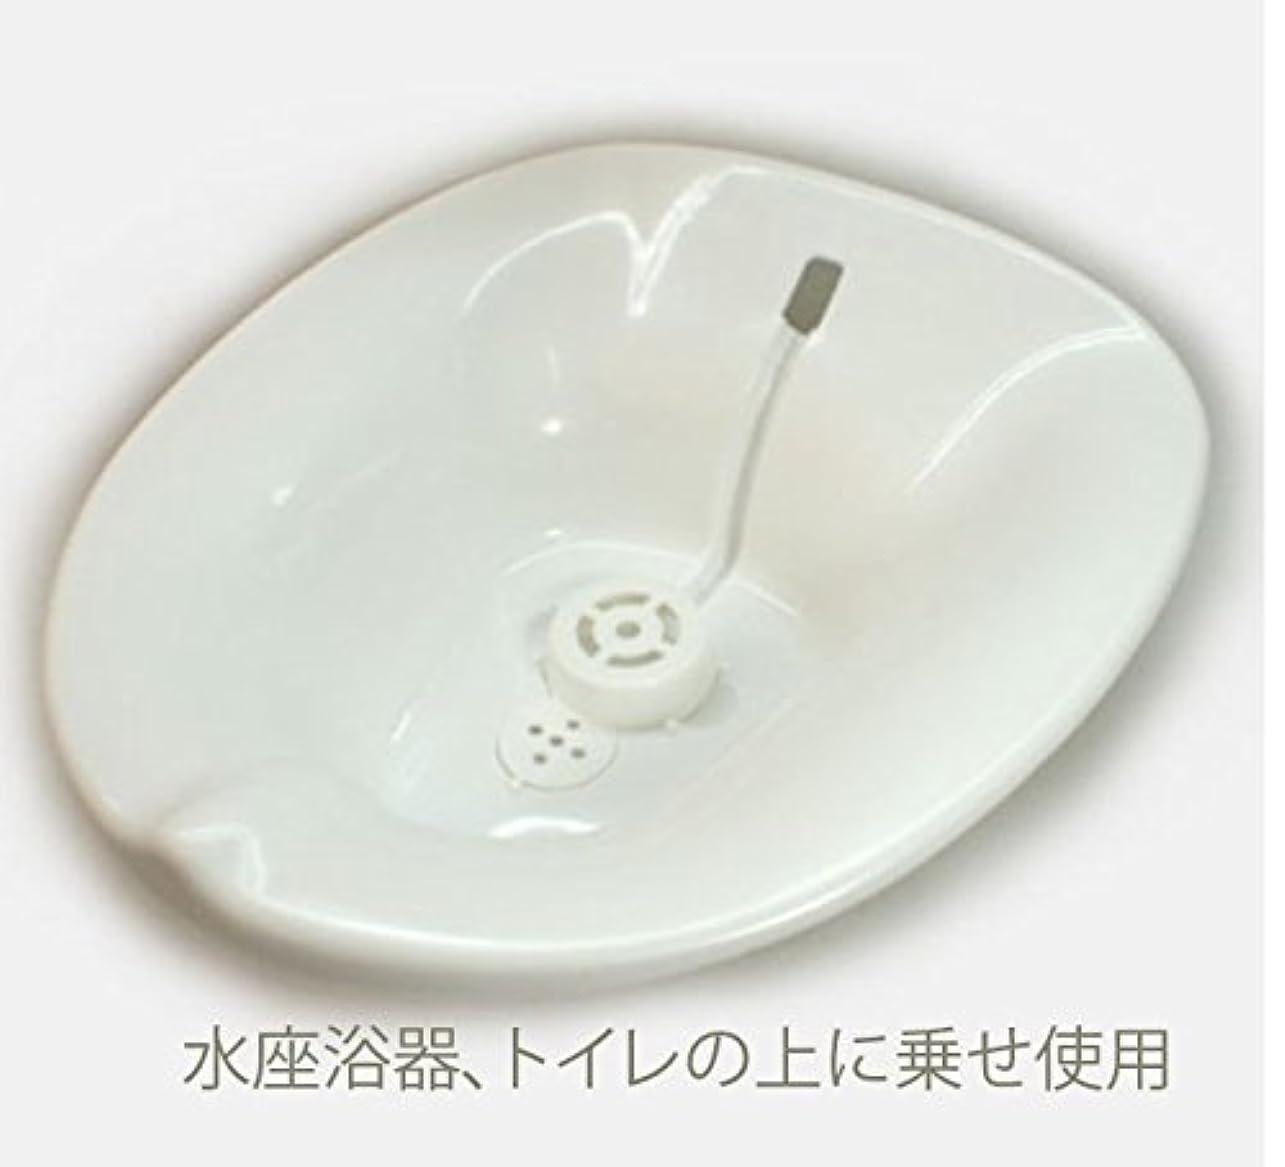 ワイプかけがえのないファブリックお尻の座浴、、座浴のため、軟らかいトイレの水座浴用器、現在は色は白です